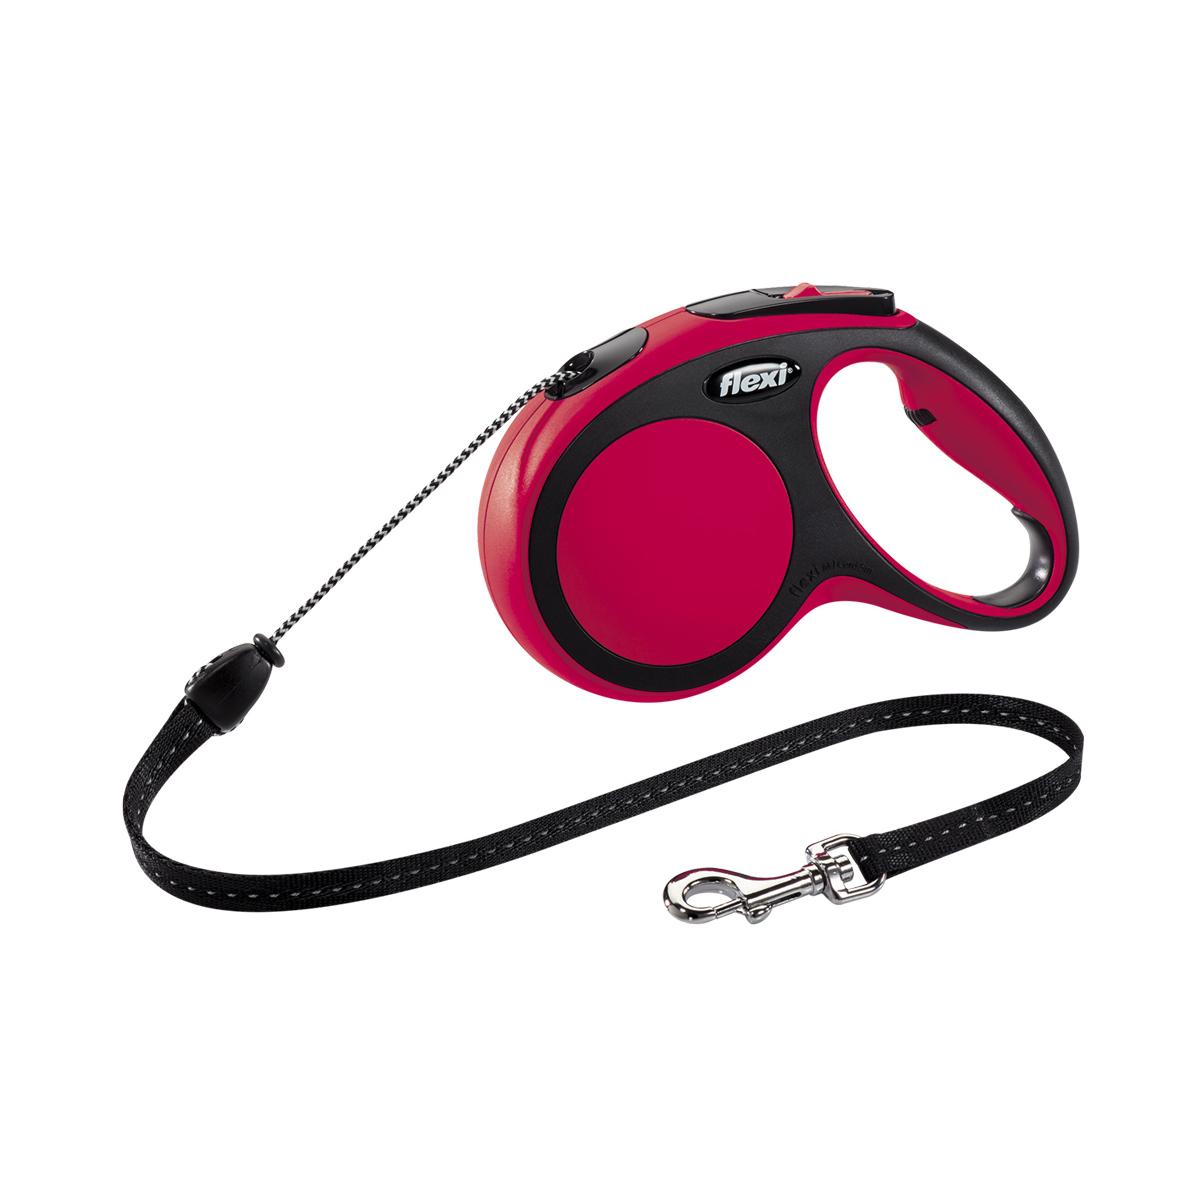 Productafbeelding voor 'Flexi - new comfort cord m - 5 m rood'